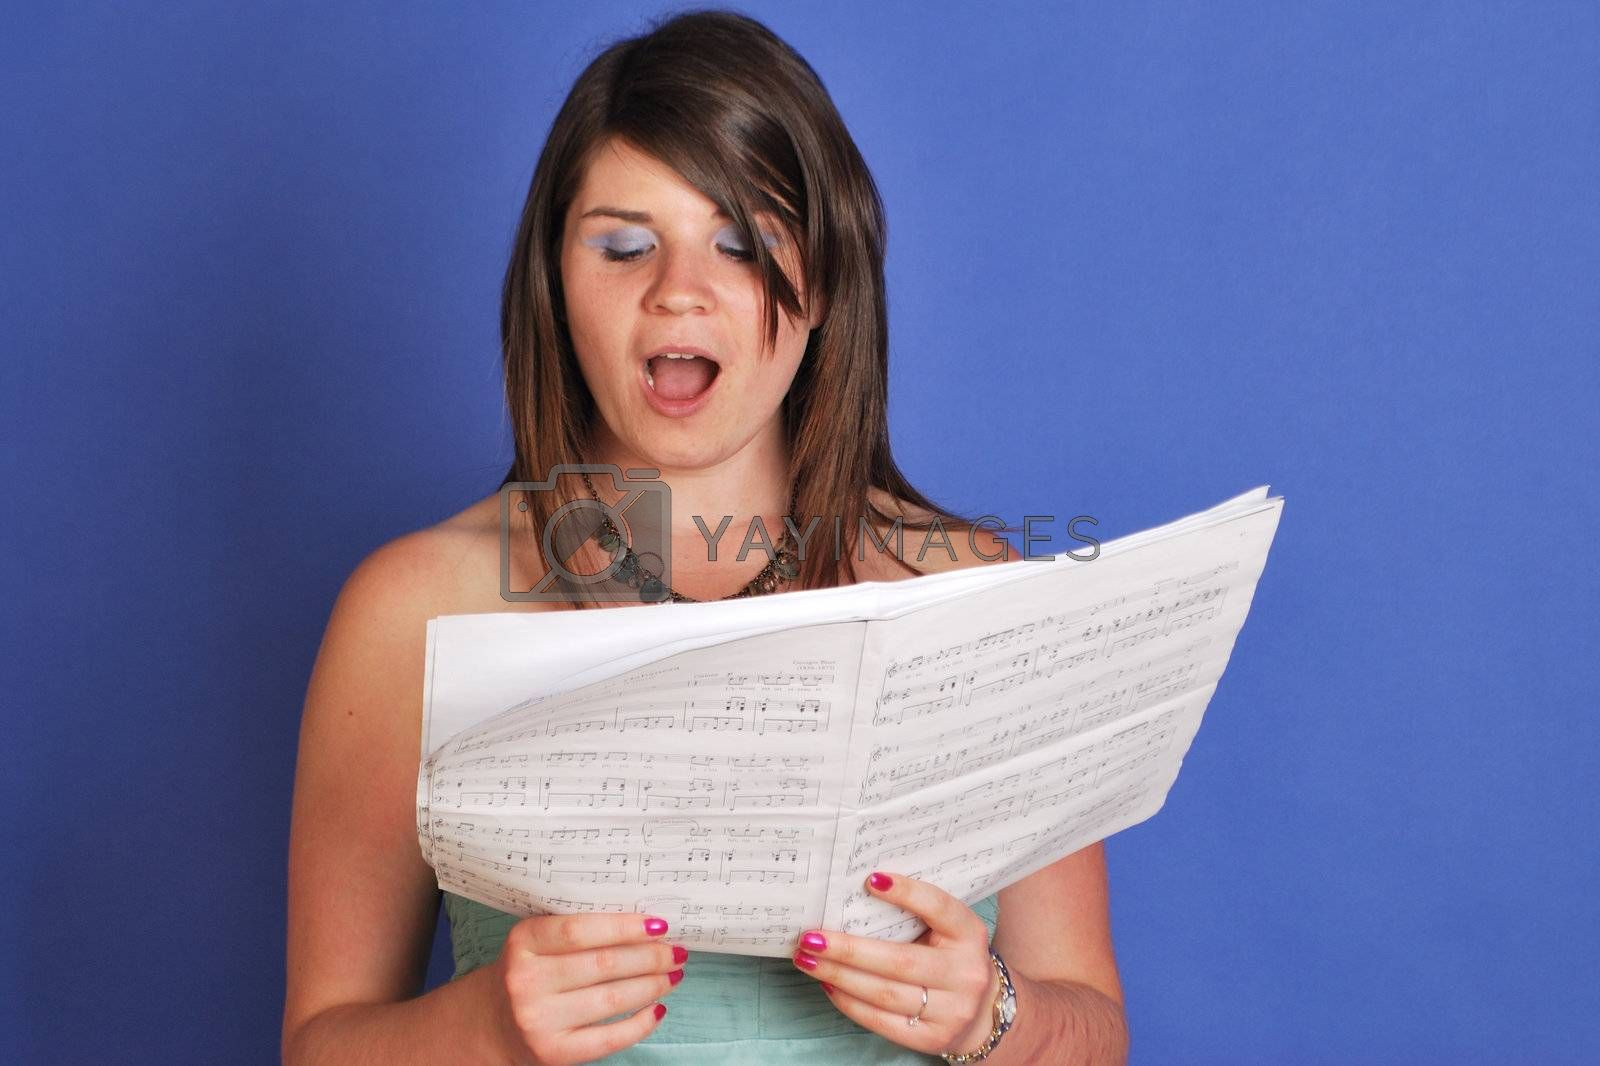 pretty girl singing in choir